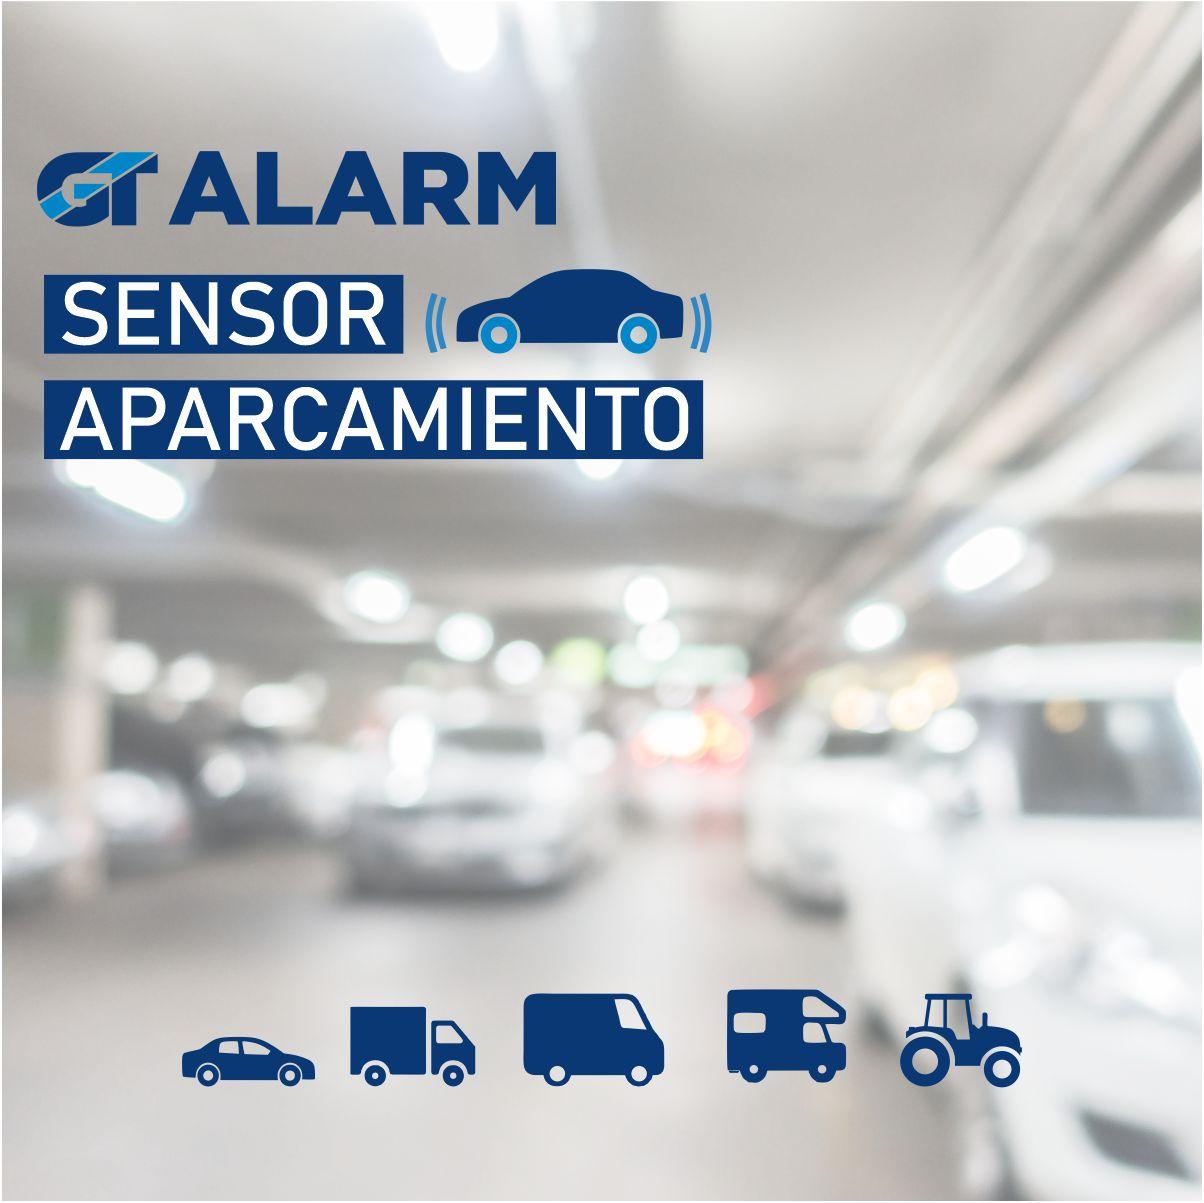 Sensor aparcamiento